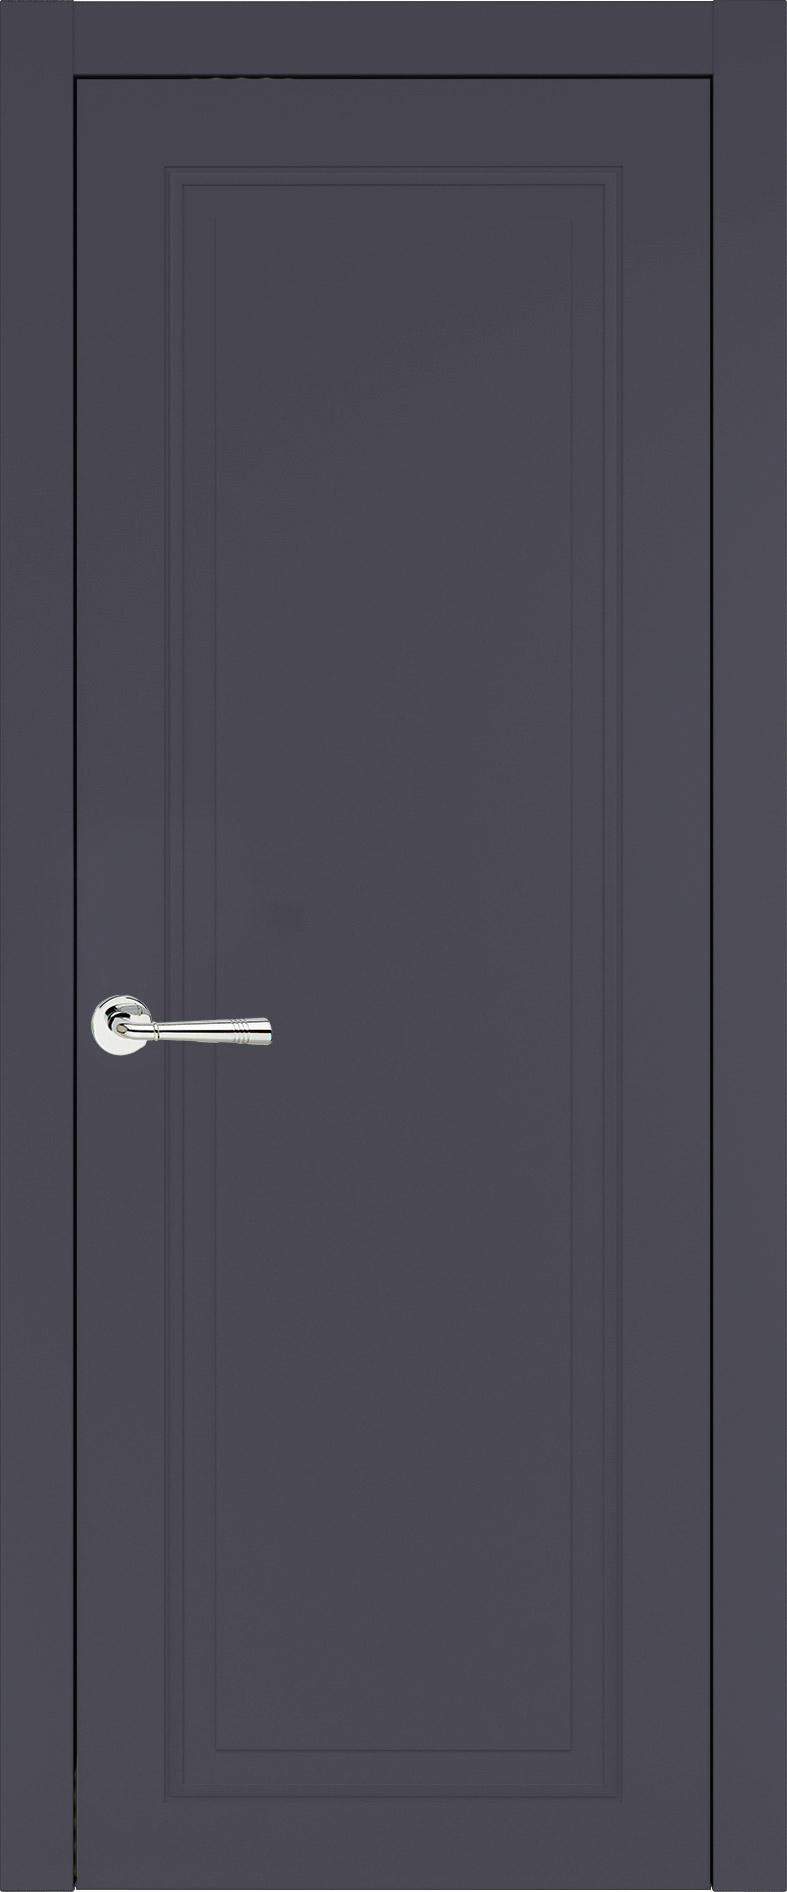 Domenica Neo Classic цвет - Графитово-серая эмаль (RAL 7024) Без стекла (ДГ)